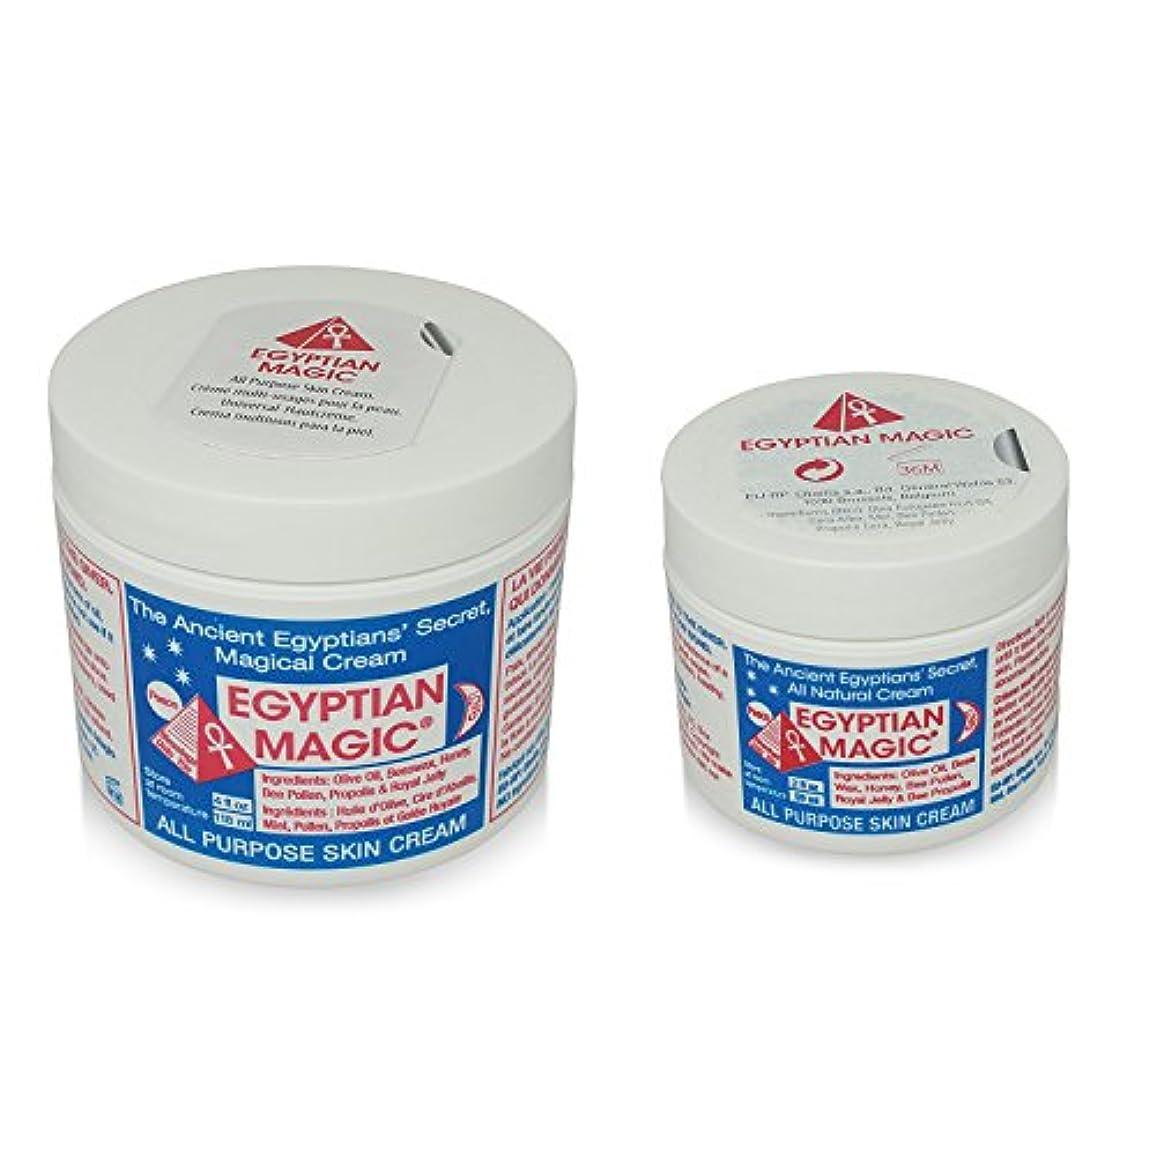 ガラス側石炭Egyptian Magic Skin Cream エジプシャンマジッククリーム  (118ml)と(59ml)の2個セット